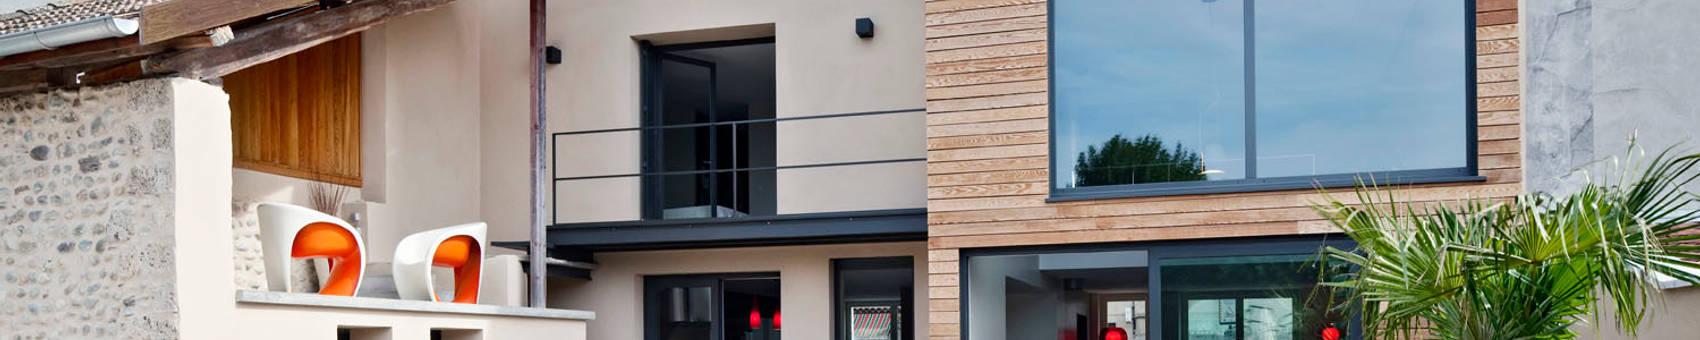 Maison de Village : Maisons de style  par Lautrefabrique , Moderne